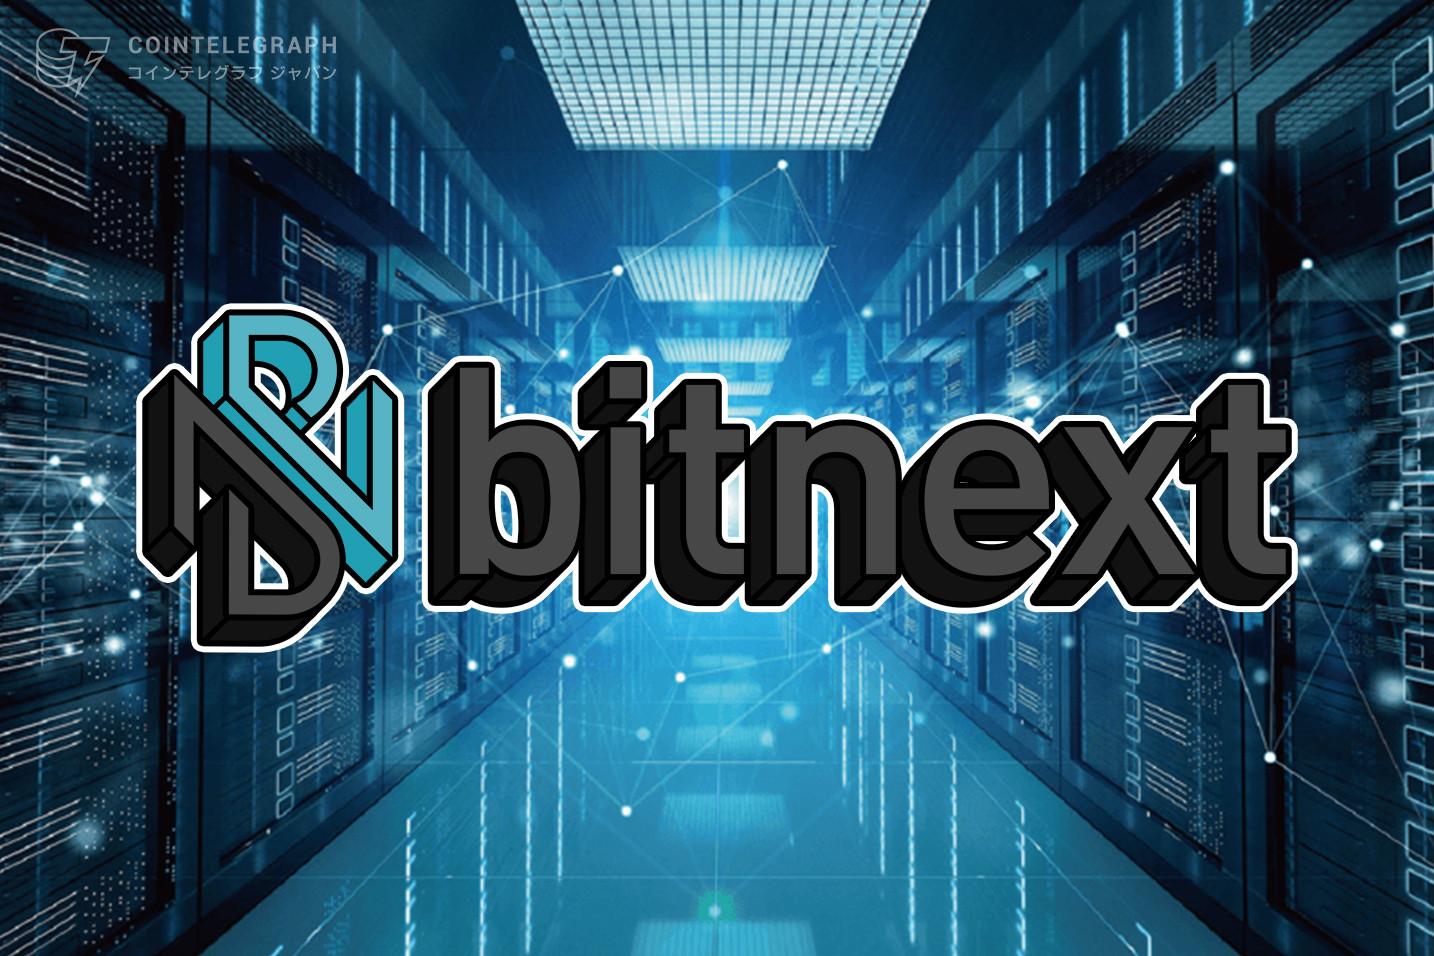 業界初、低手数料、スプレッドなし、取引プラットフォームーBitnext